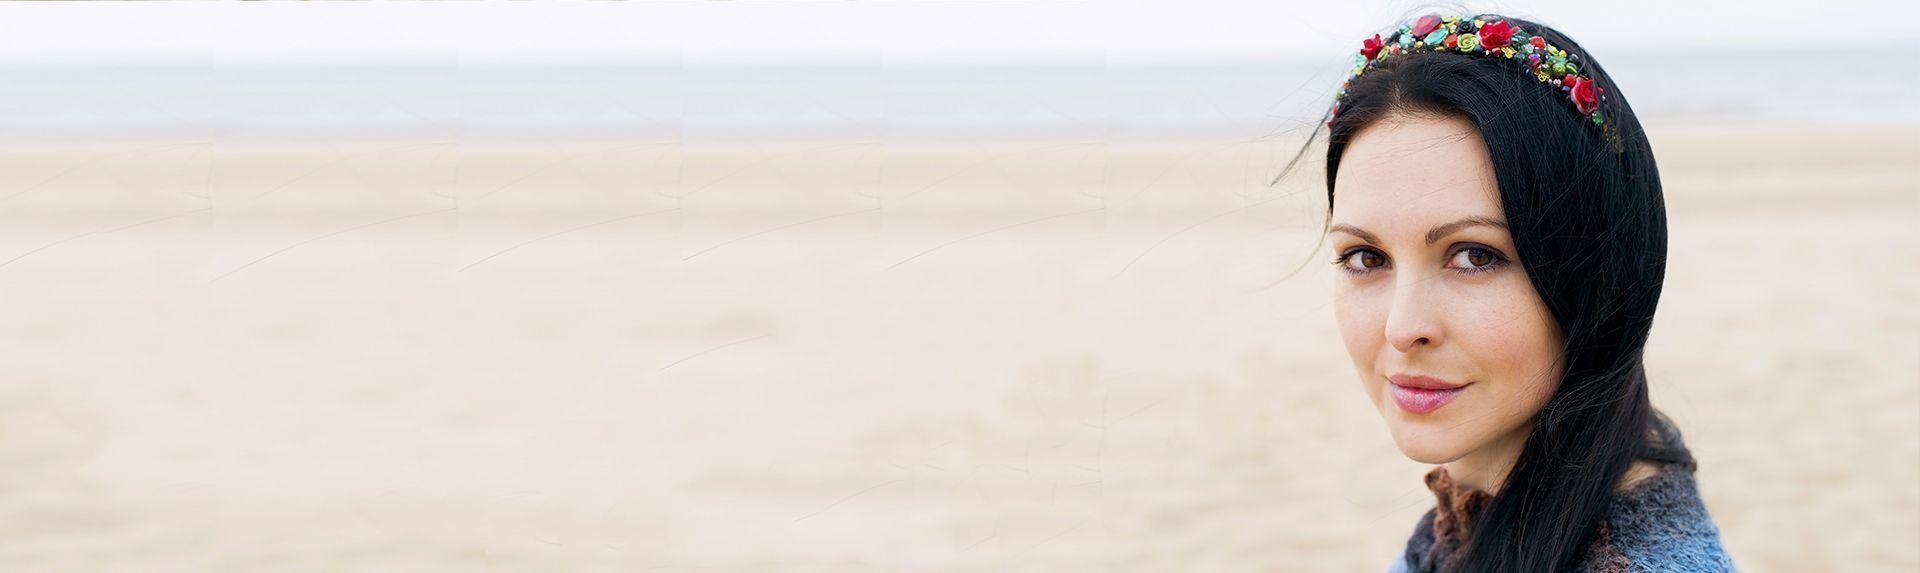 Снижение уровня женских гормонов в менопаузе: МГТ приходит на помощь